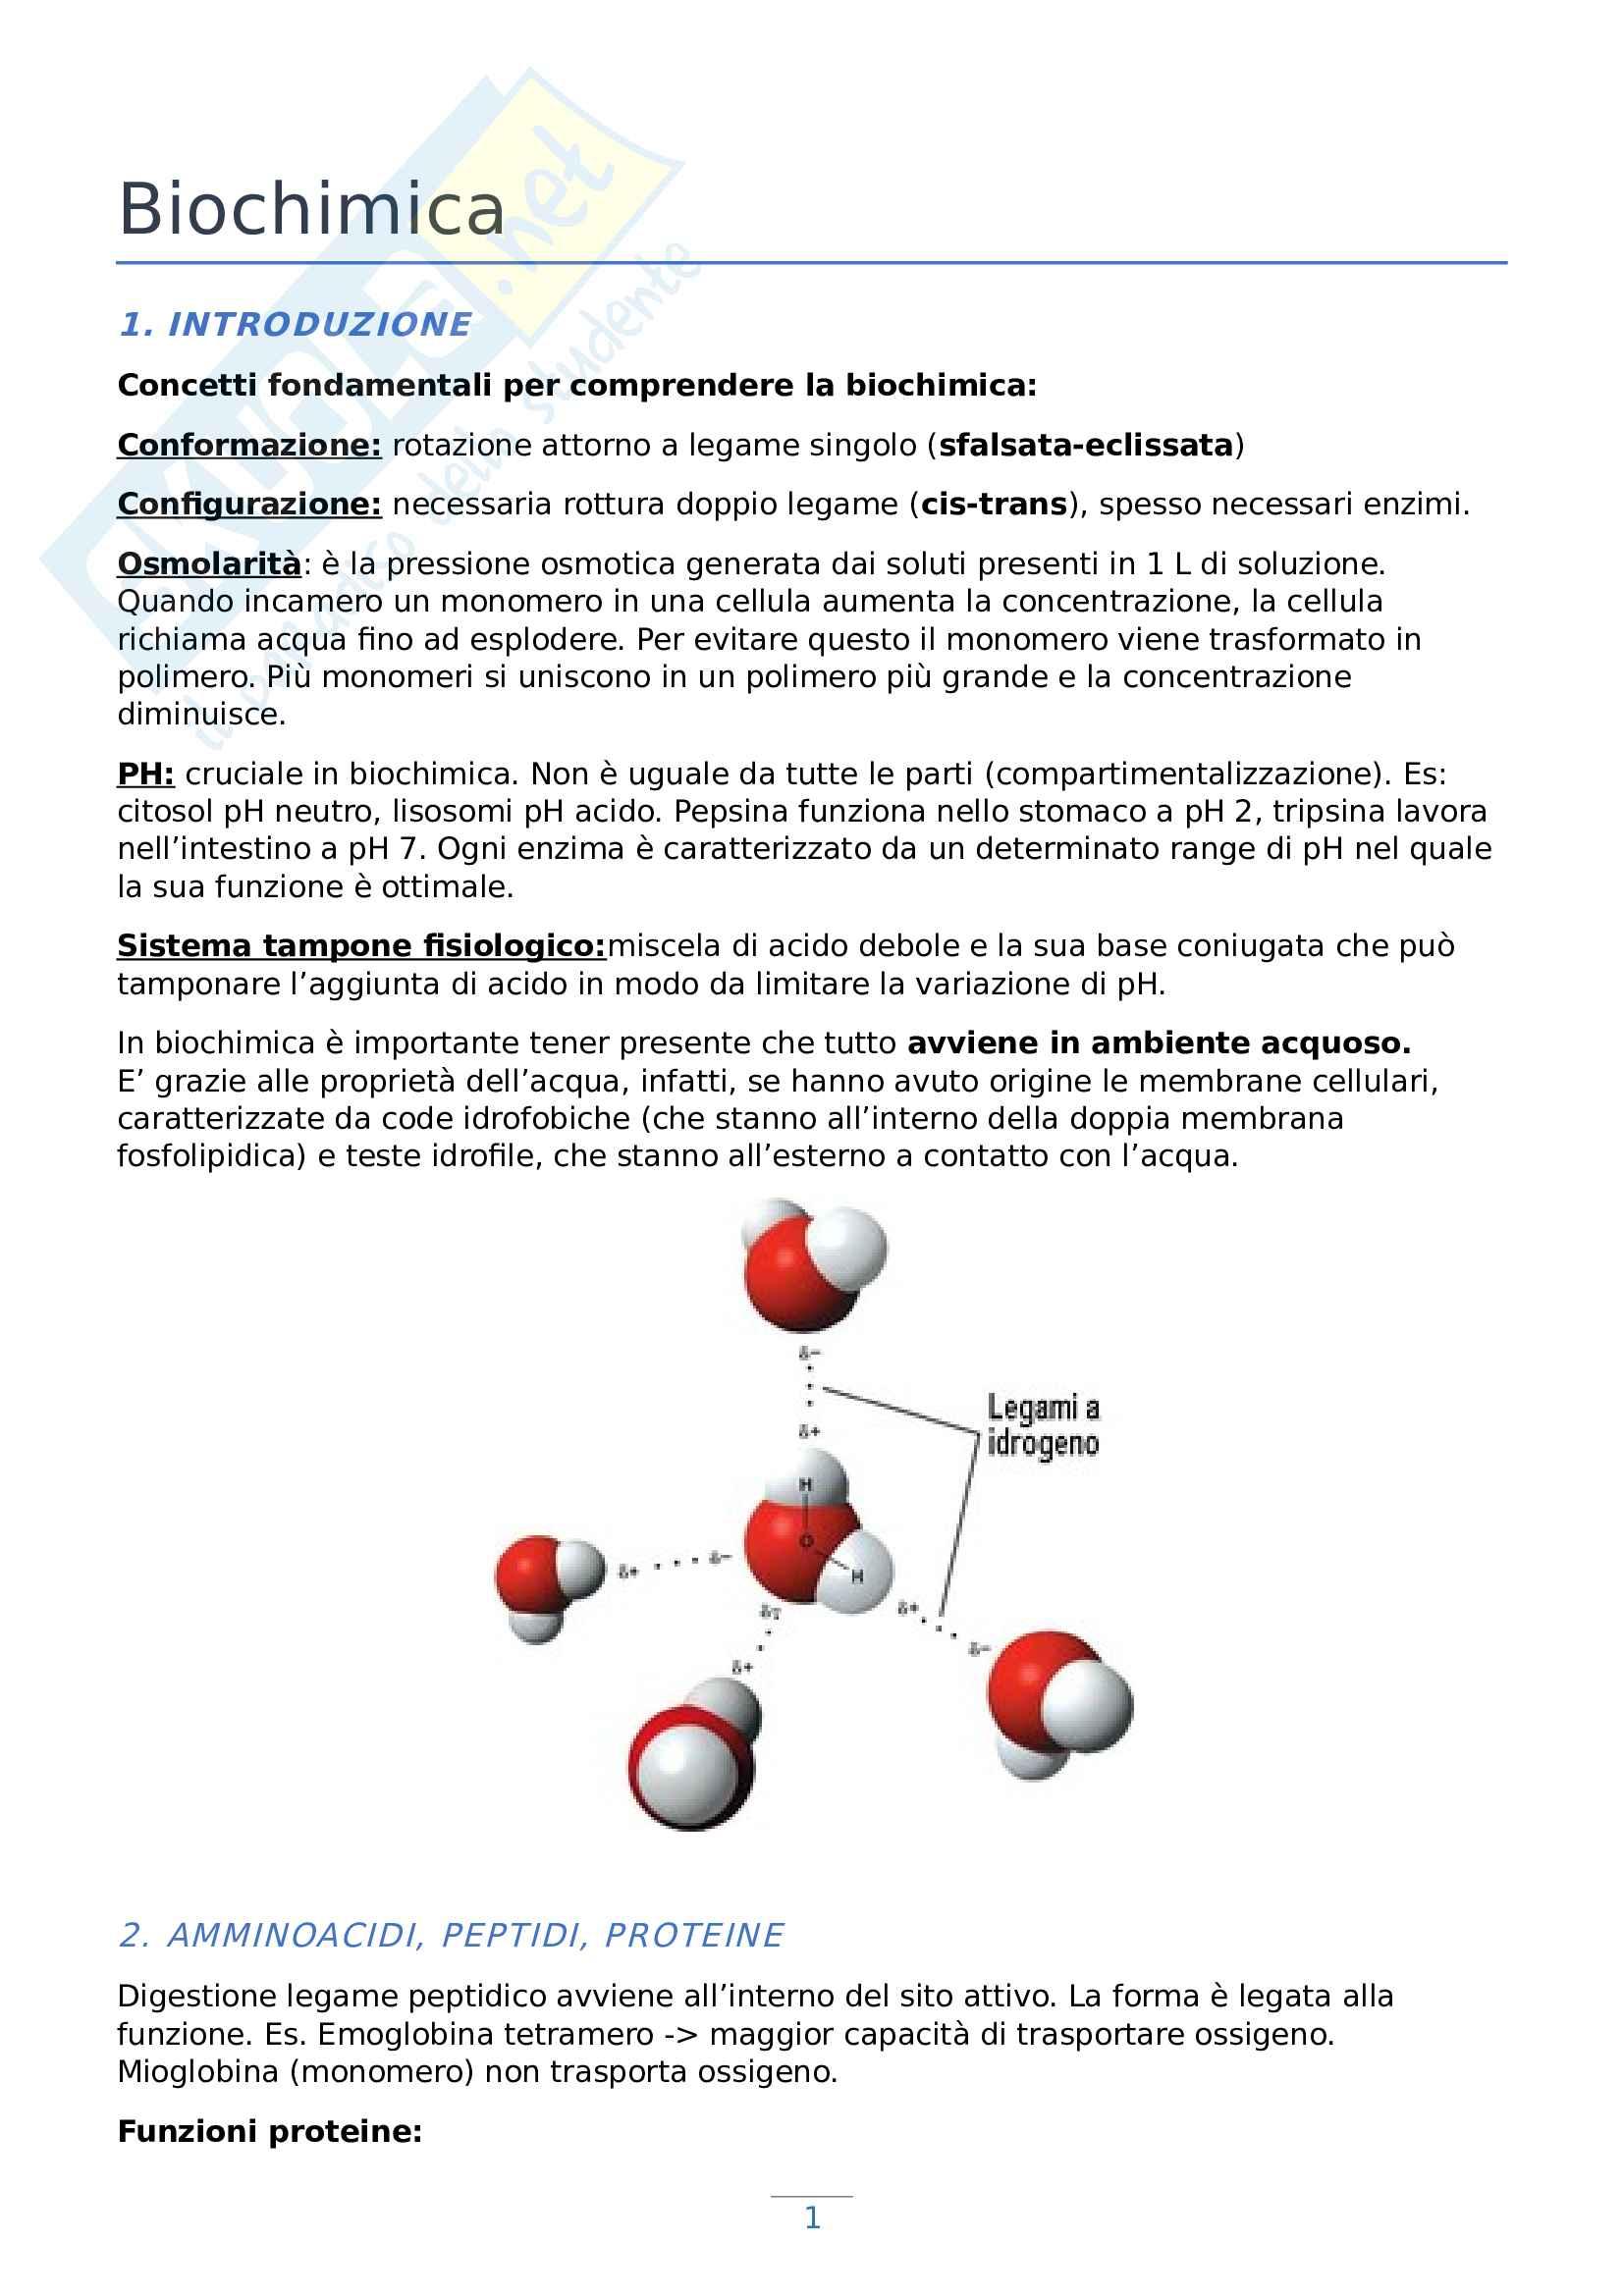 Appunti di Biochimica - Prof Pinotti